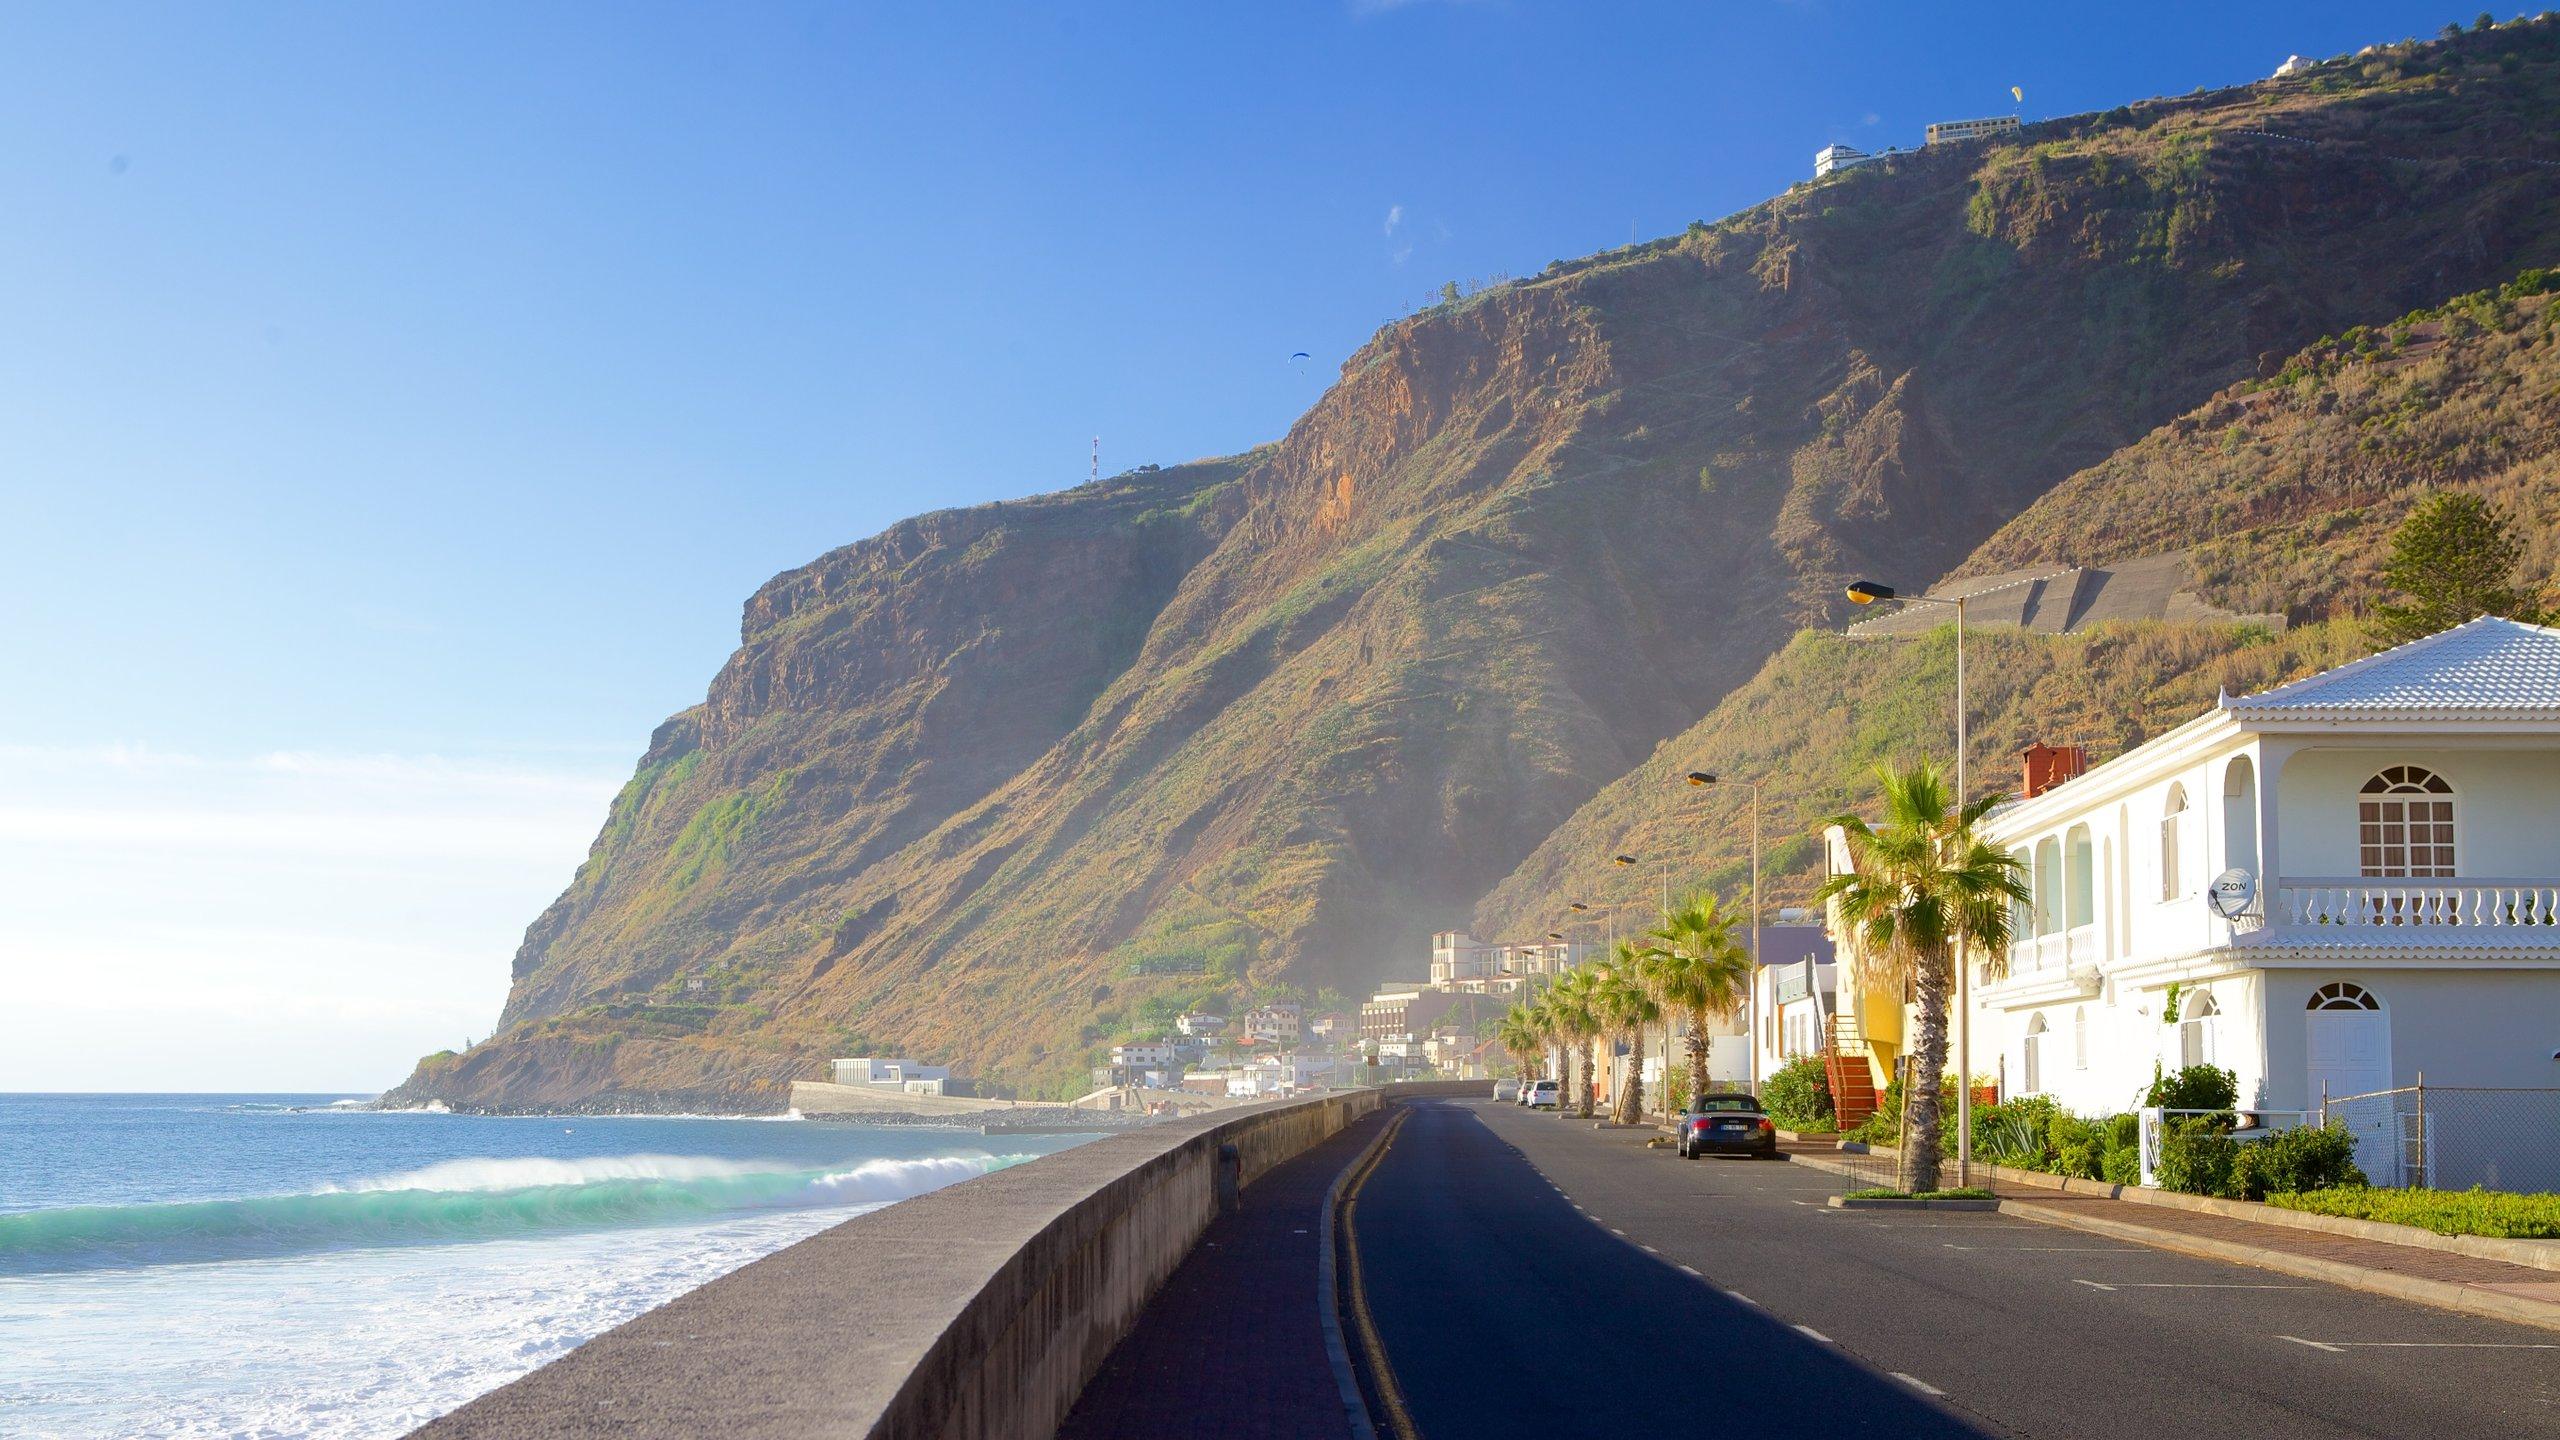 Paul do Mar, Calheta, Madeira Region, Portugal